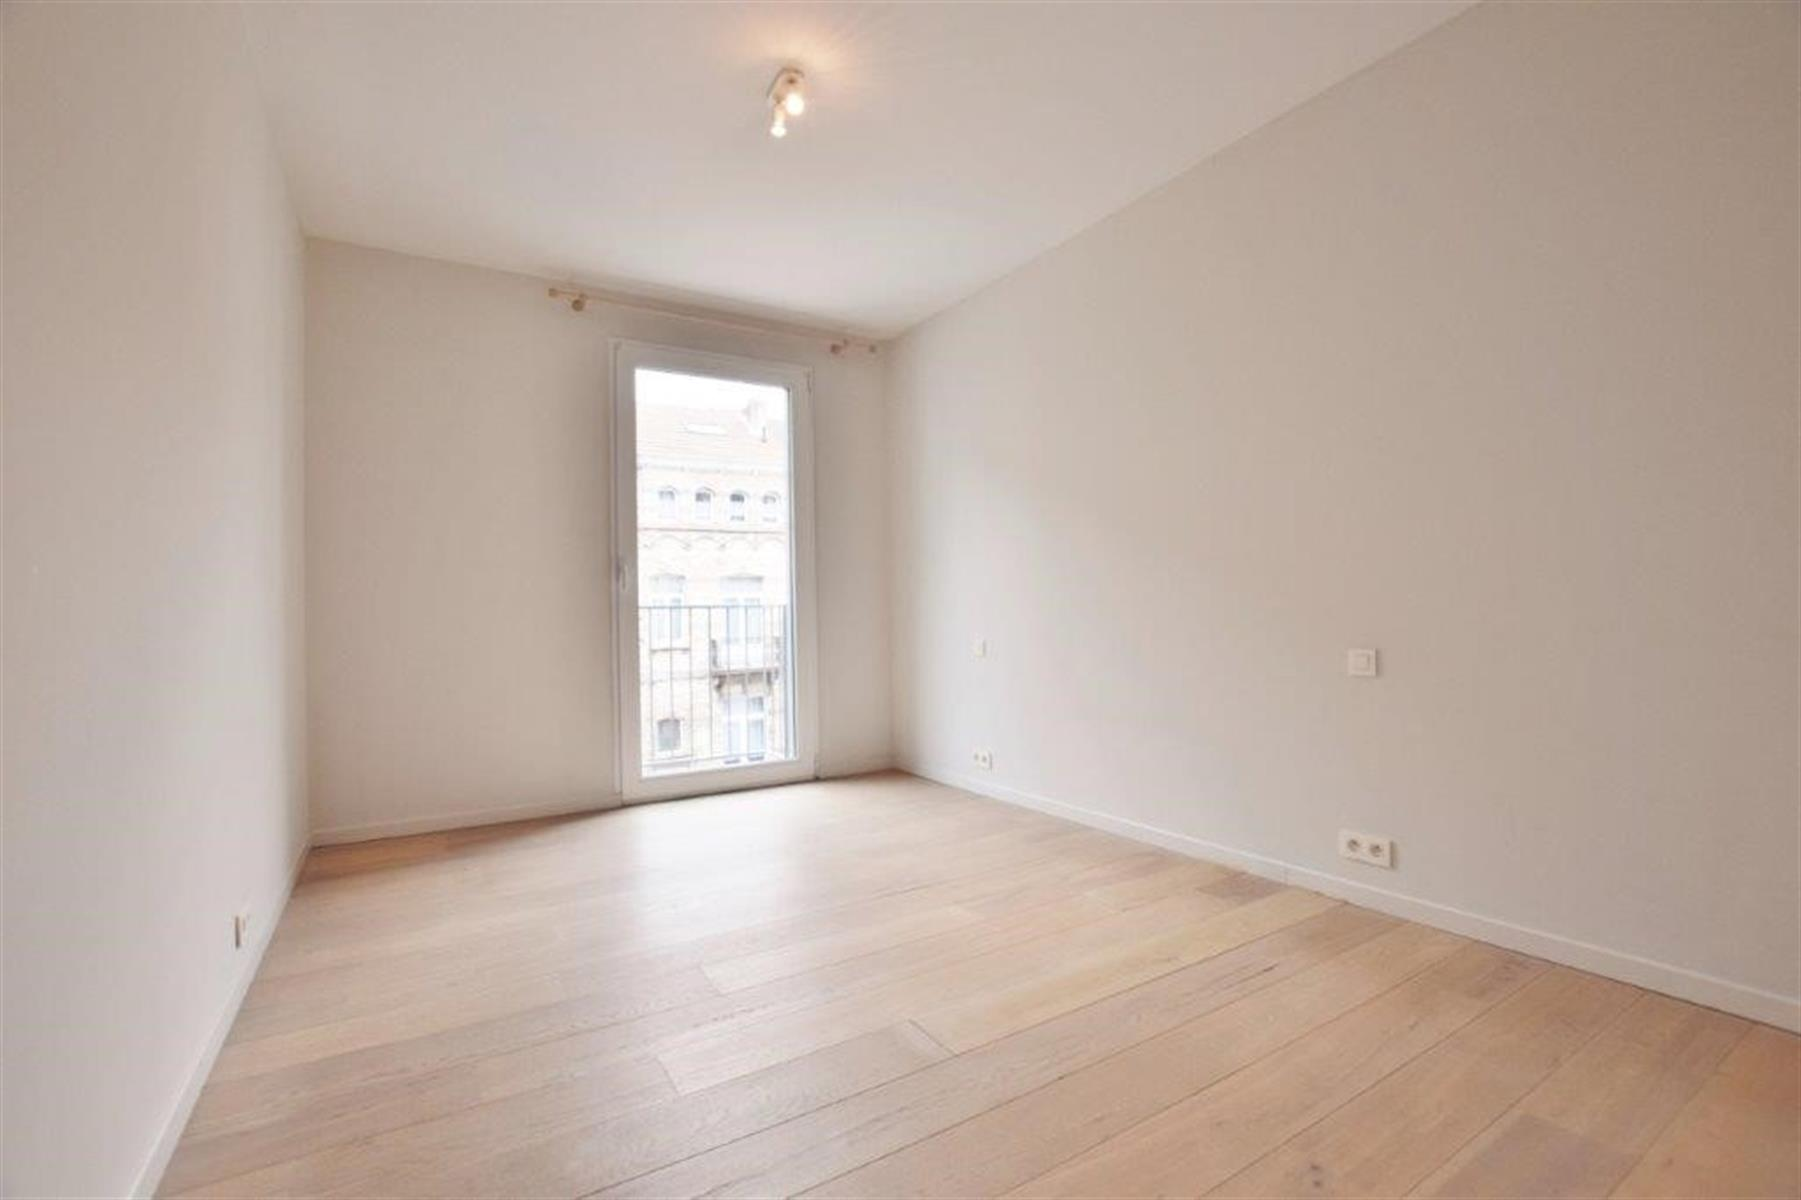 Appartement - Etterbeek - #4355277-4